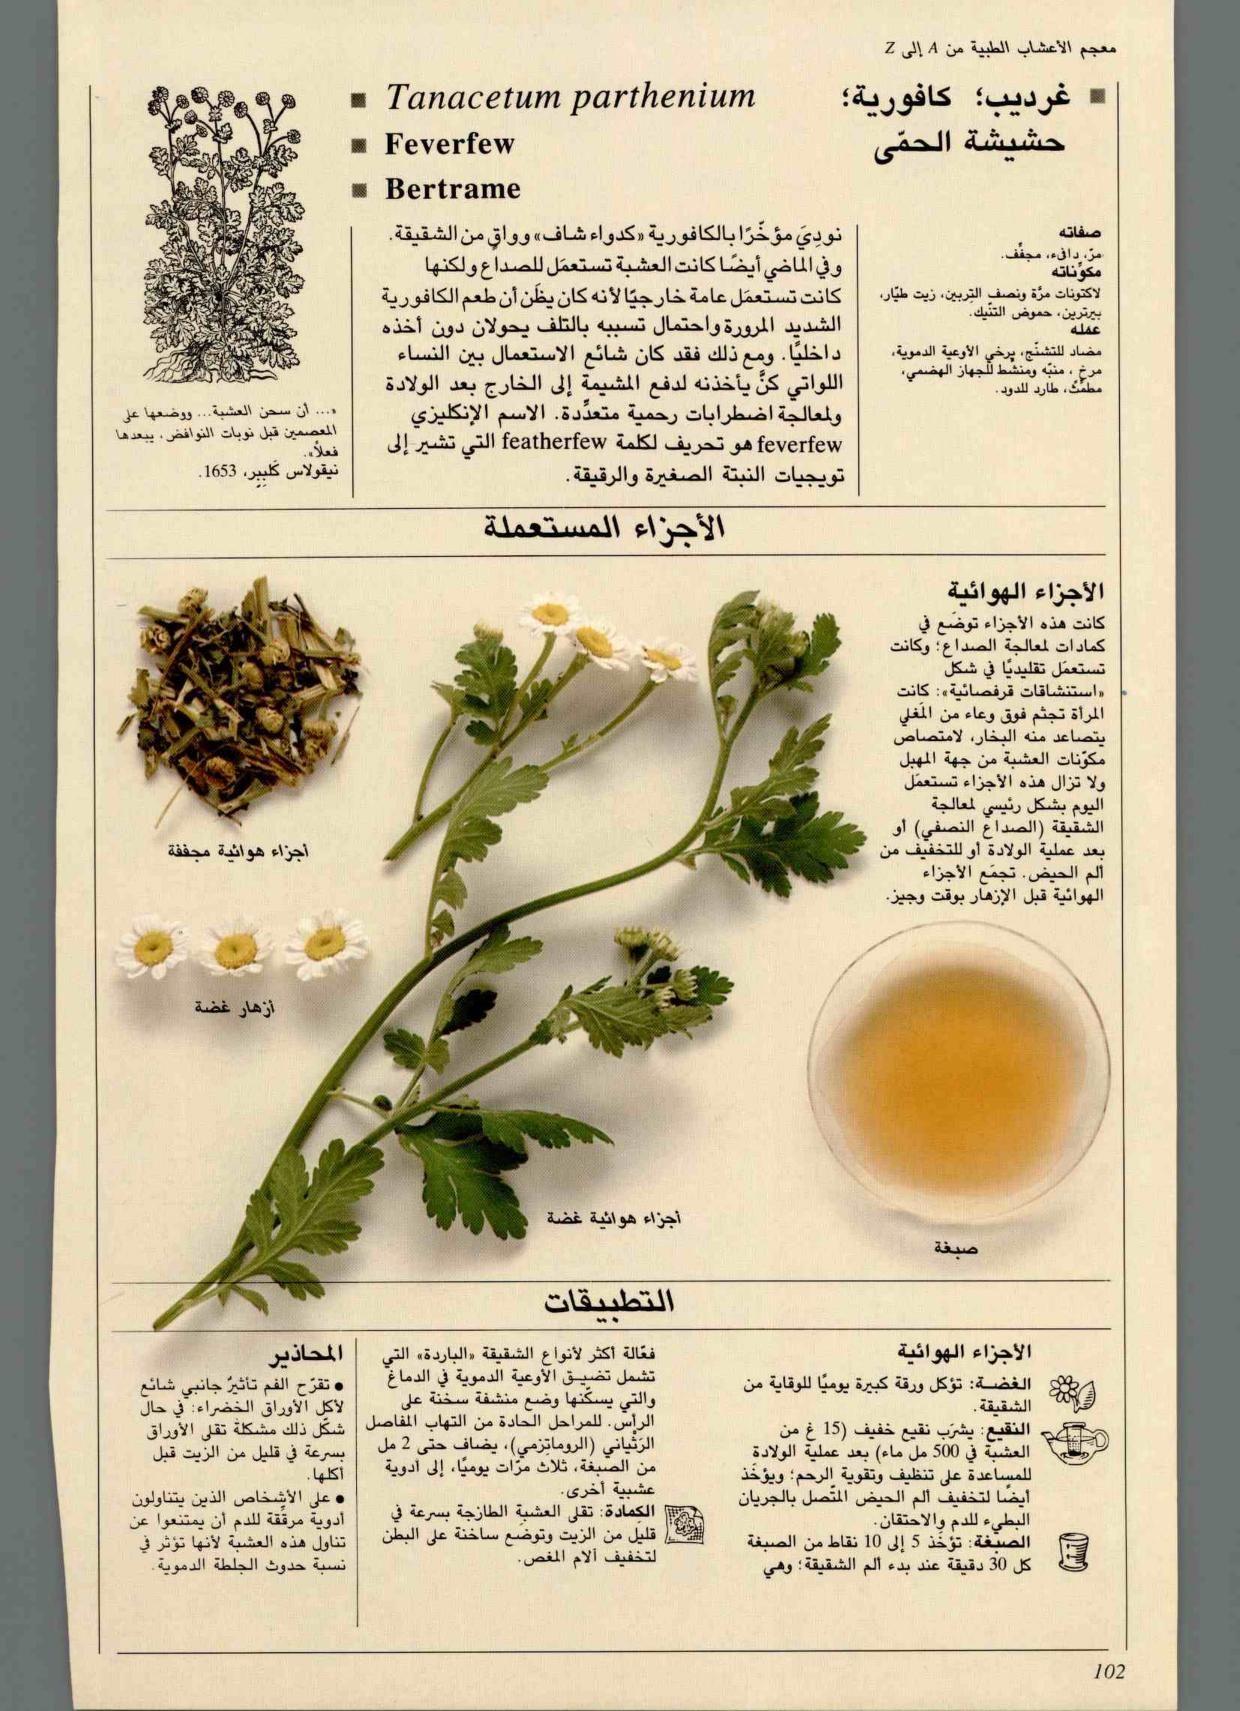 الكامل في الأعشاب والنباتات الطبية موسوعة ملونة رائعة Free Download Borrow And Streaming Internet Archive Health Facts Food Arabic Books Pdf Books Reading